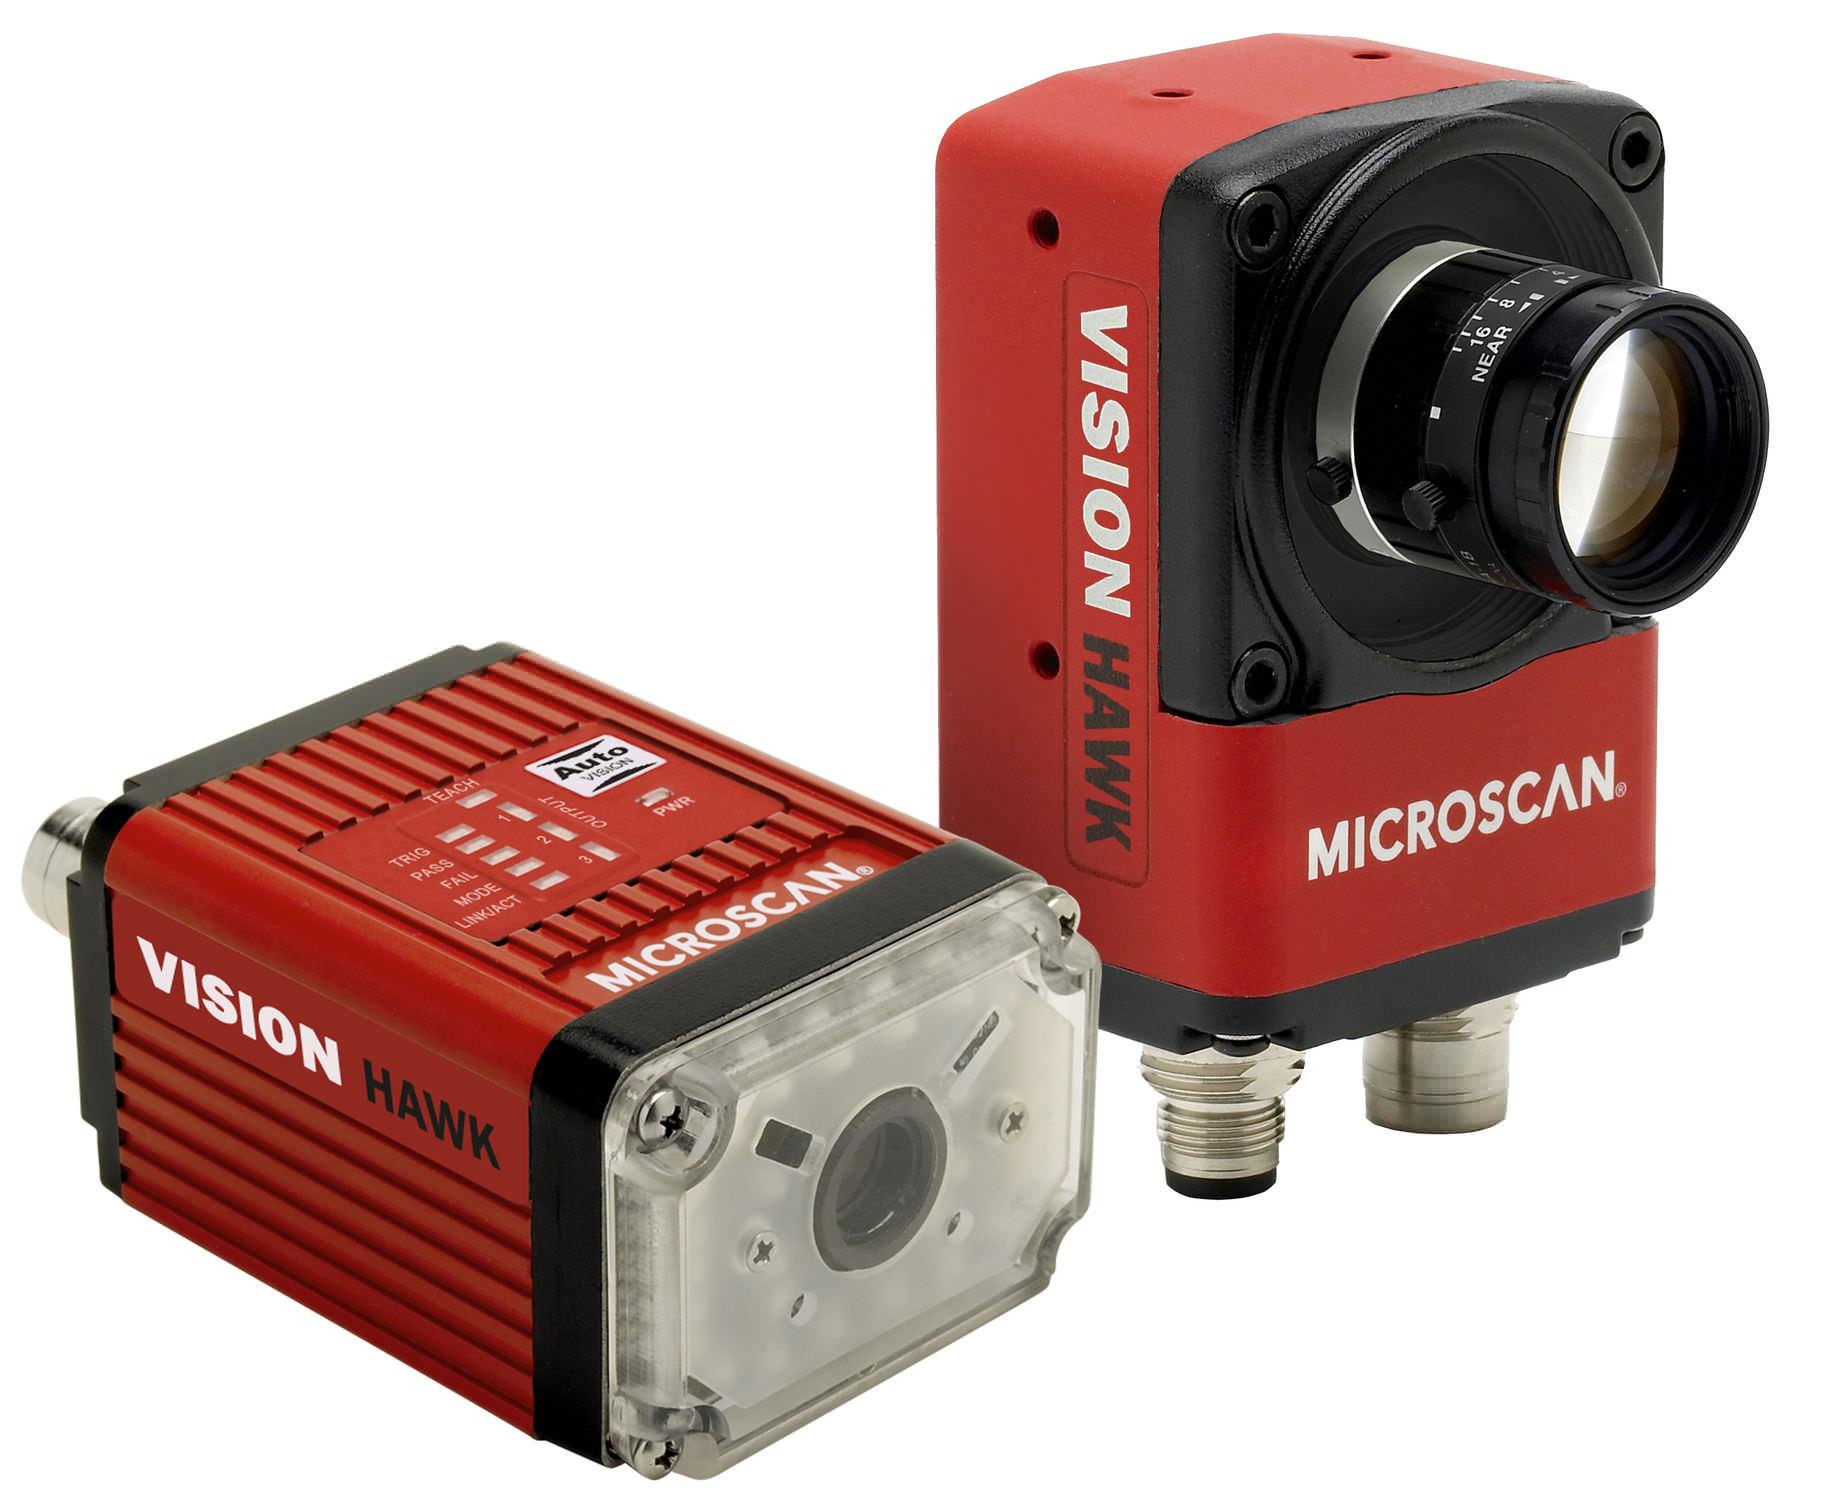 microscan cameras